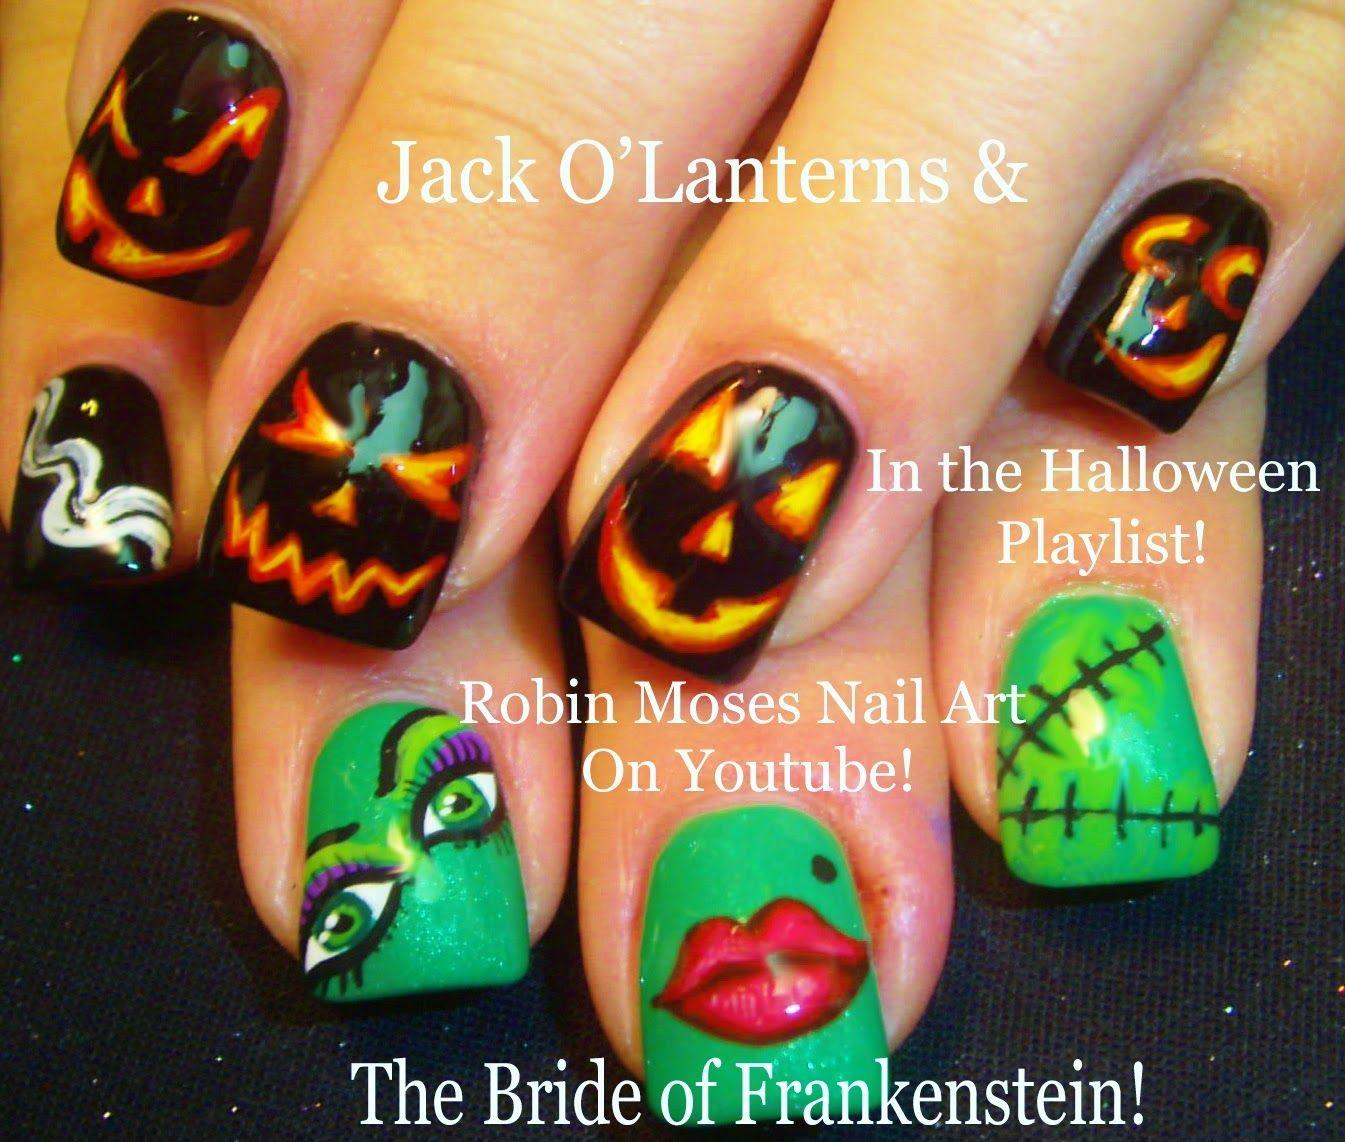 Hotel Transylvania 2! Halloween Nail Art Design Tutorial!  Nails & Toes  Designs To Recreate Diy  Pinterest  Robin Moses, Nail Nail And Robins